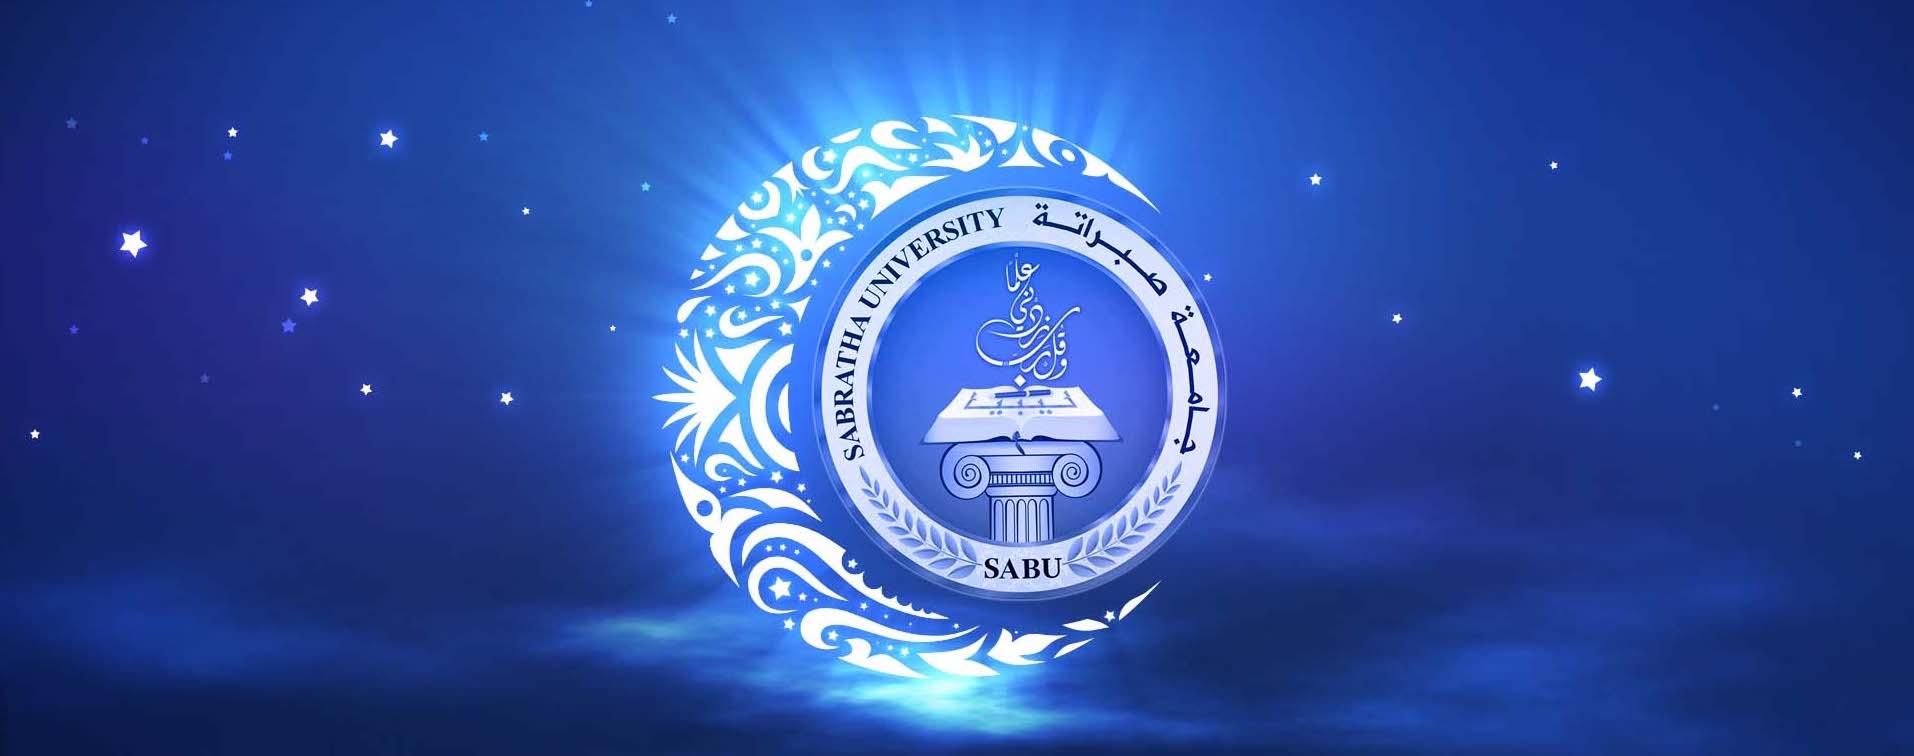 Ramadan-Kareem copy 2